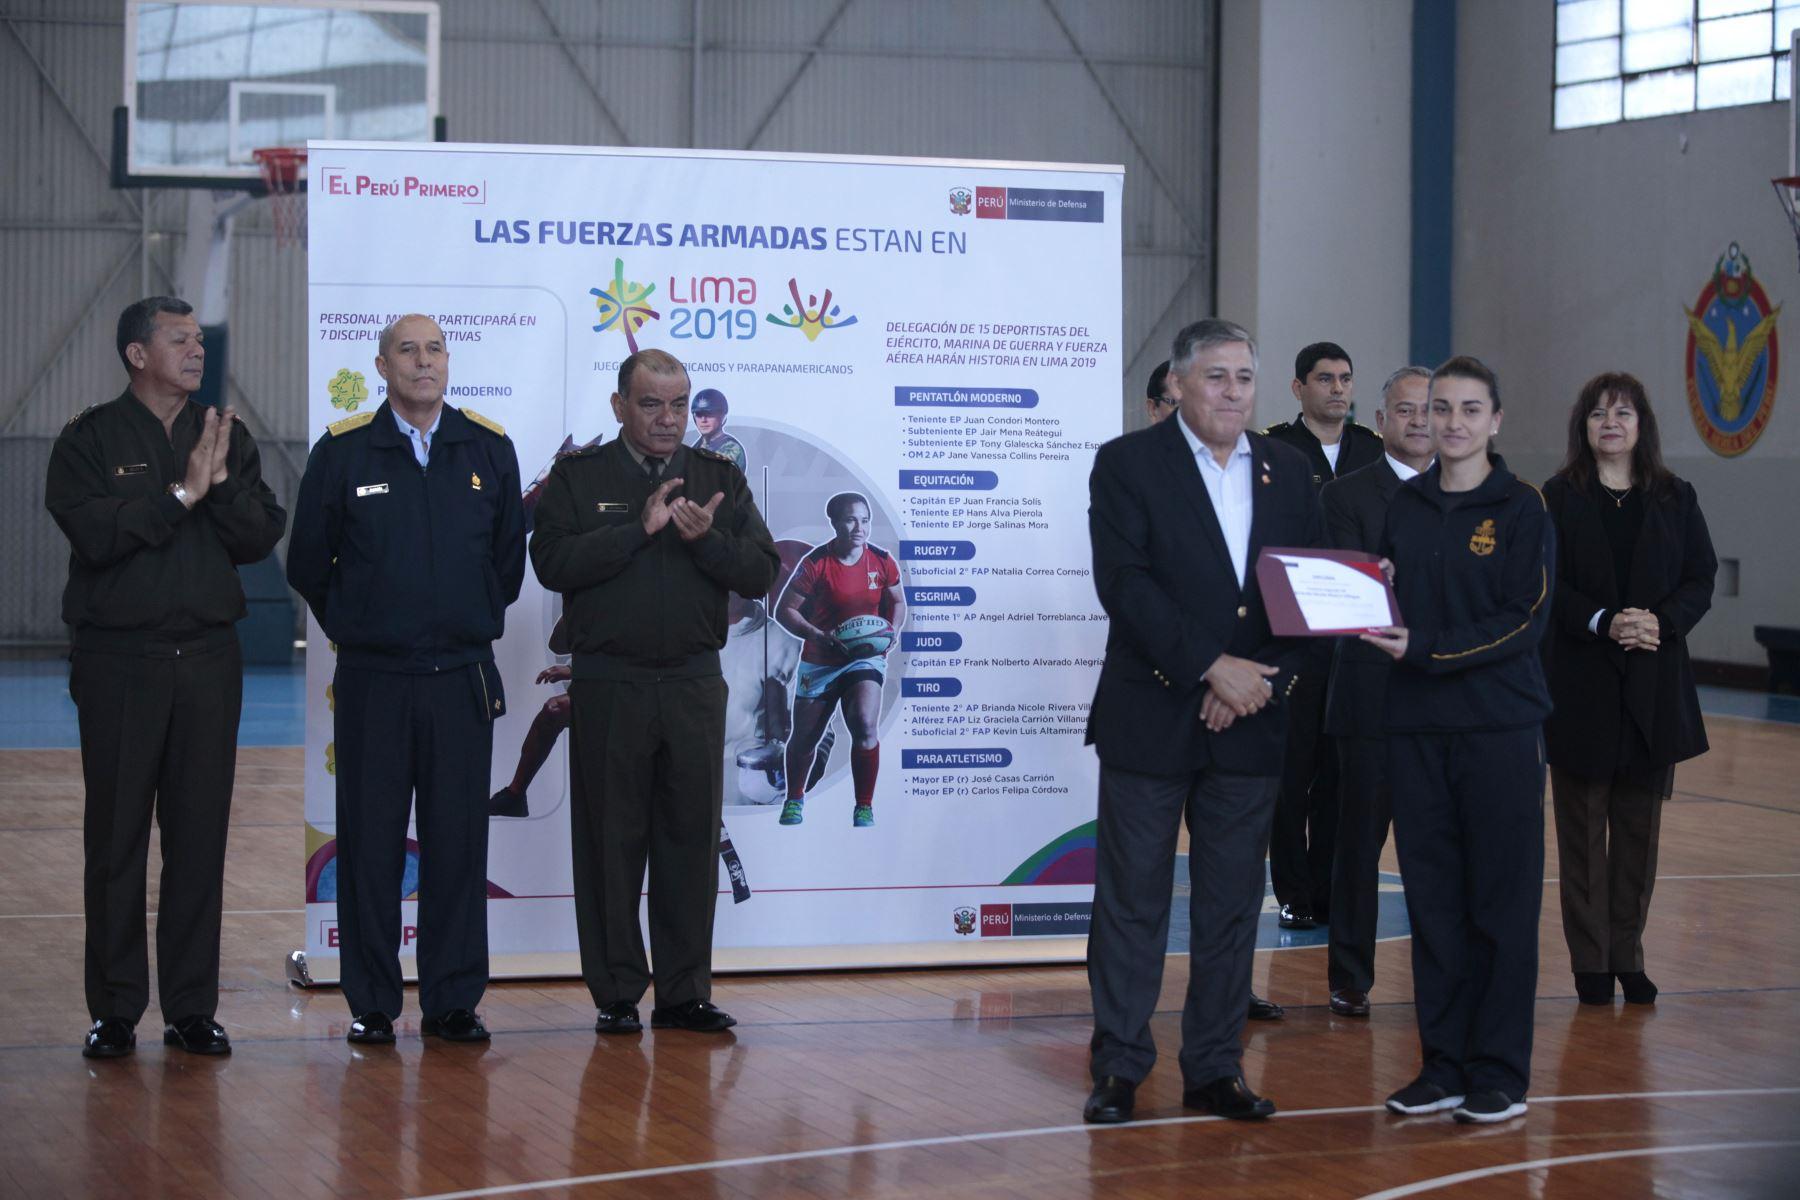 Ministro de Defensa presenta deportistas militares clasificados a los Juegos Panamericanos Lima 2019. Brianda Rivera Villegas, deportista. Foto: ANDINA/Miguel Mejía Castro